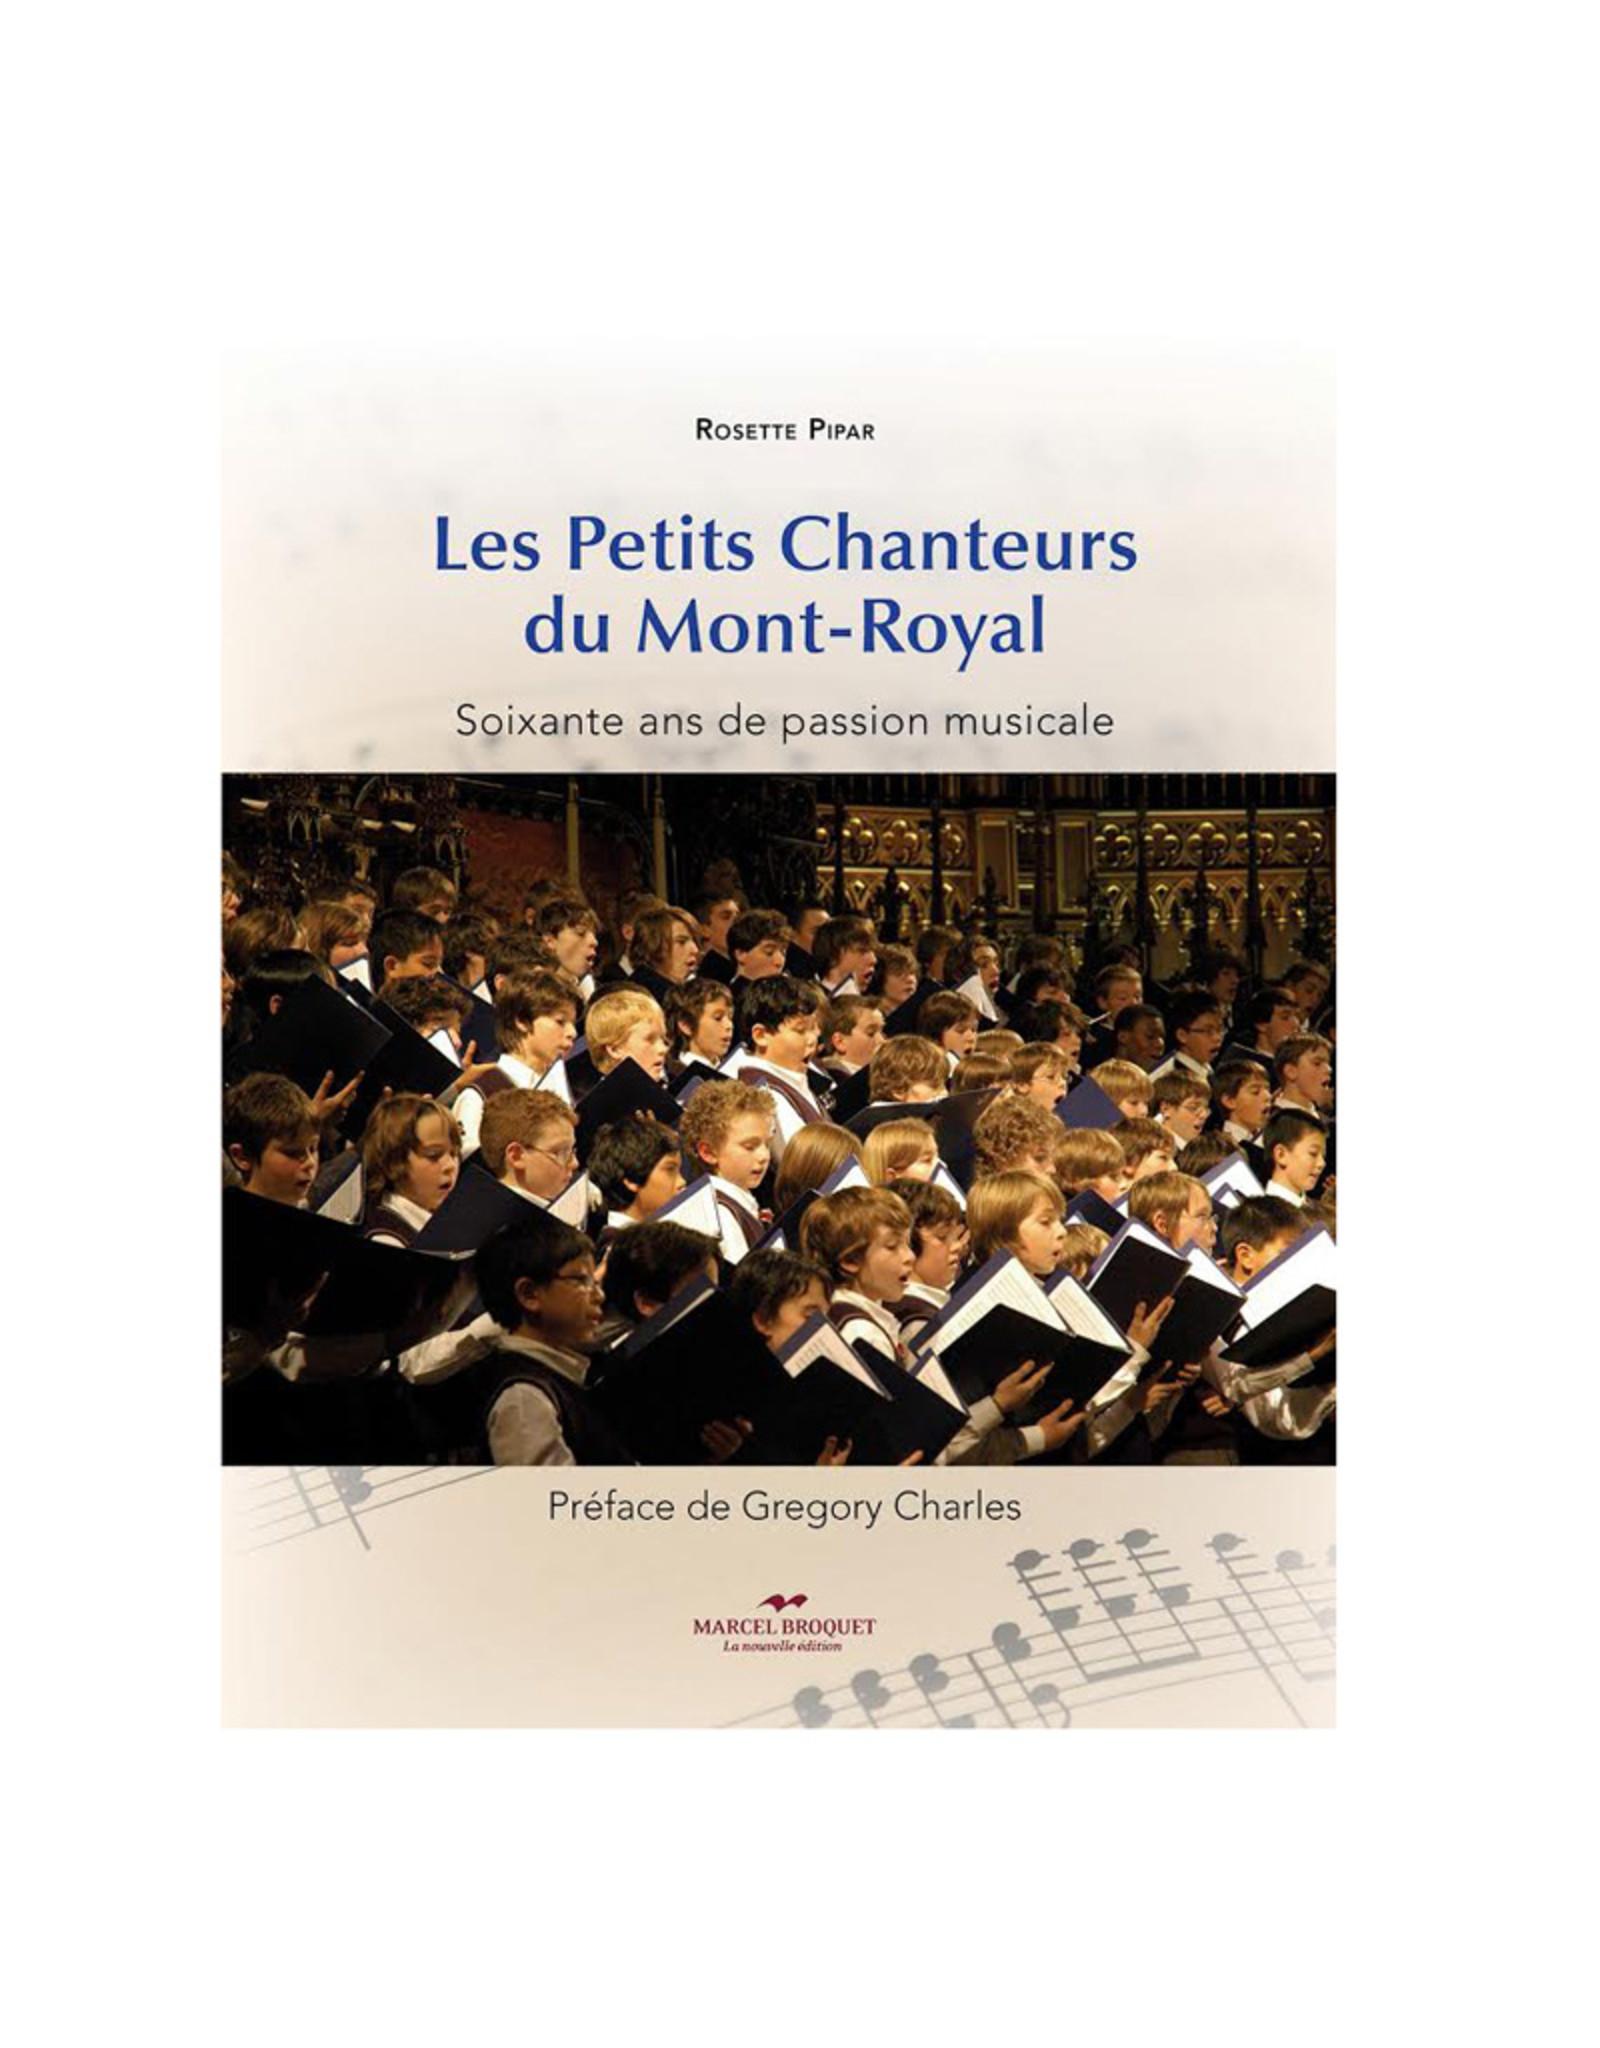 Les Petits Chanteurs du Mont-Royal (french)